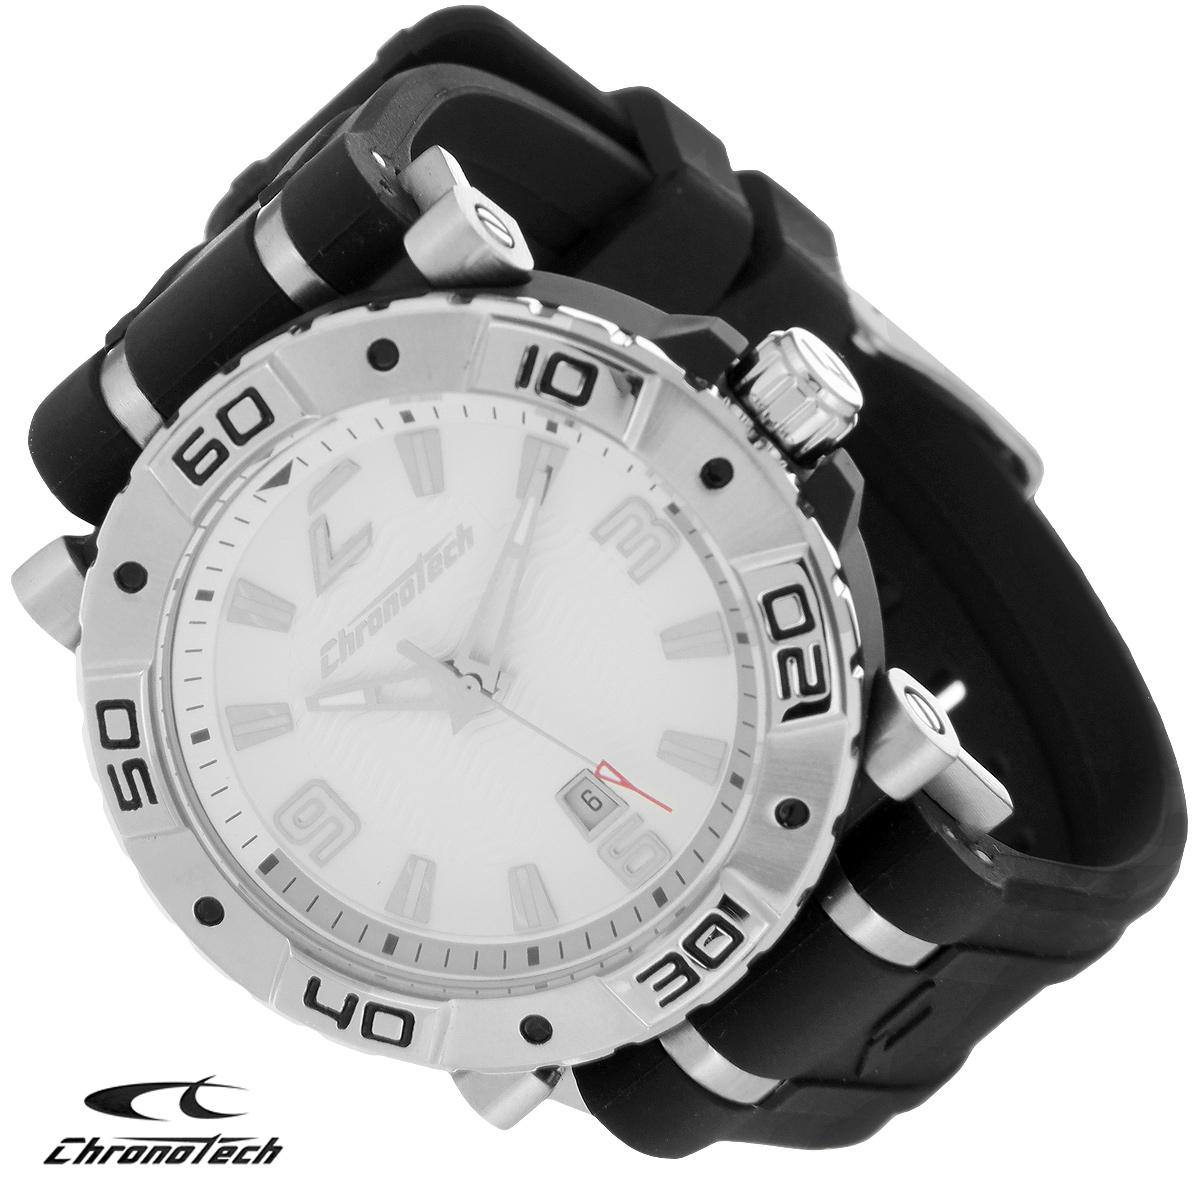 Часы мужские наручные Chronotech, цвет: черный, серебристый. RW0038BM8434-58AEЧасы Chronotech - это часы для современных и стильных людей, которые стремятся выделиться из толпы и подчеркнуть свою индивидуальность. Корпус часов выполнен из нержавеющей стали. Циферблат оформлен отметками и арабскими цифрами и защищен минеральным стеклом. Часы имеют три стрелки - часовую, минутную и секундную. Стрелки и отметки светятся в темноте. Часы имеют индикатор даты. Ремешок часов выполнен из каучука и застегивается на классическую застежку. Часы упакованы в фирменную коробку с логотипом компании Chronotech. Такой аксессуар добавит вашему образу стиля и подчеркнет безупречный вкус своего владельца.Характеристики: Диаметр циферблата: 3,4 см.Размер корпуса: 4,4 см х 4 см х 1 см.Длина ремешка (с корпусом): 24,5 см.Ширина ремешка: 2,5 см.